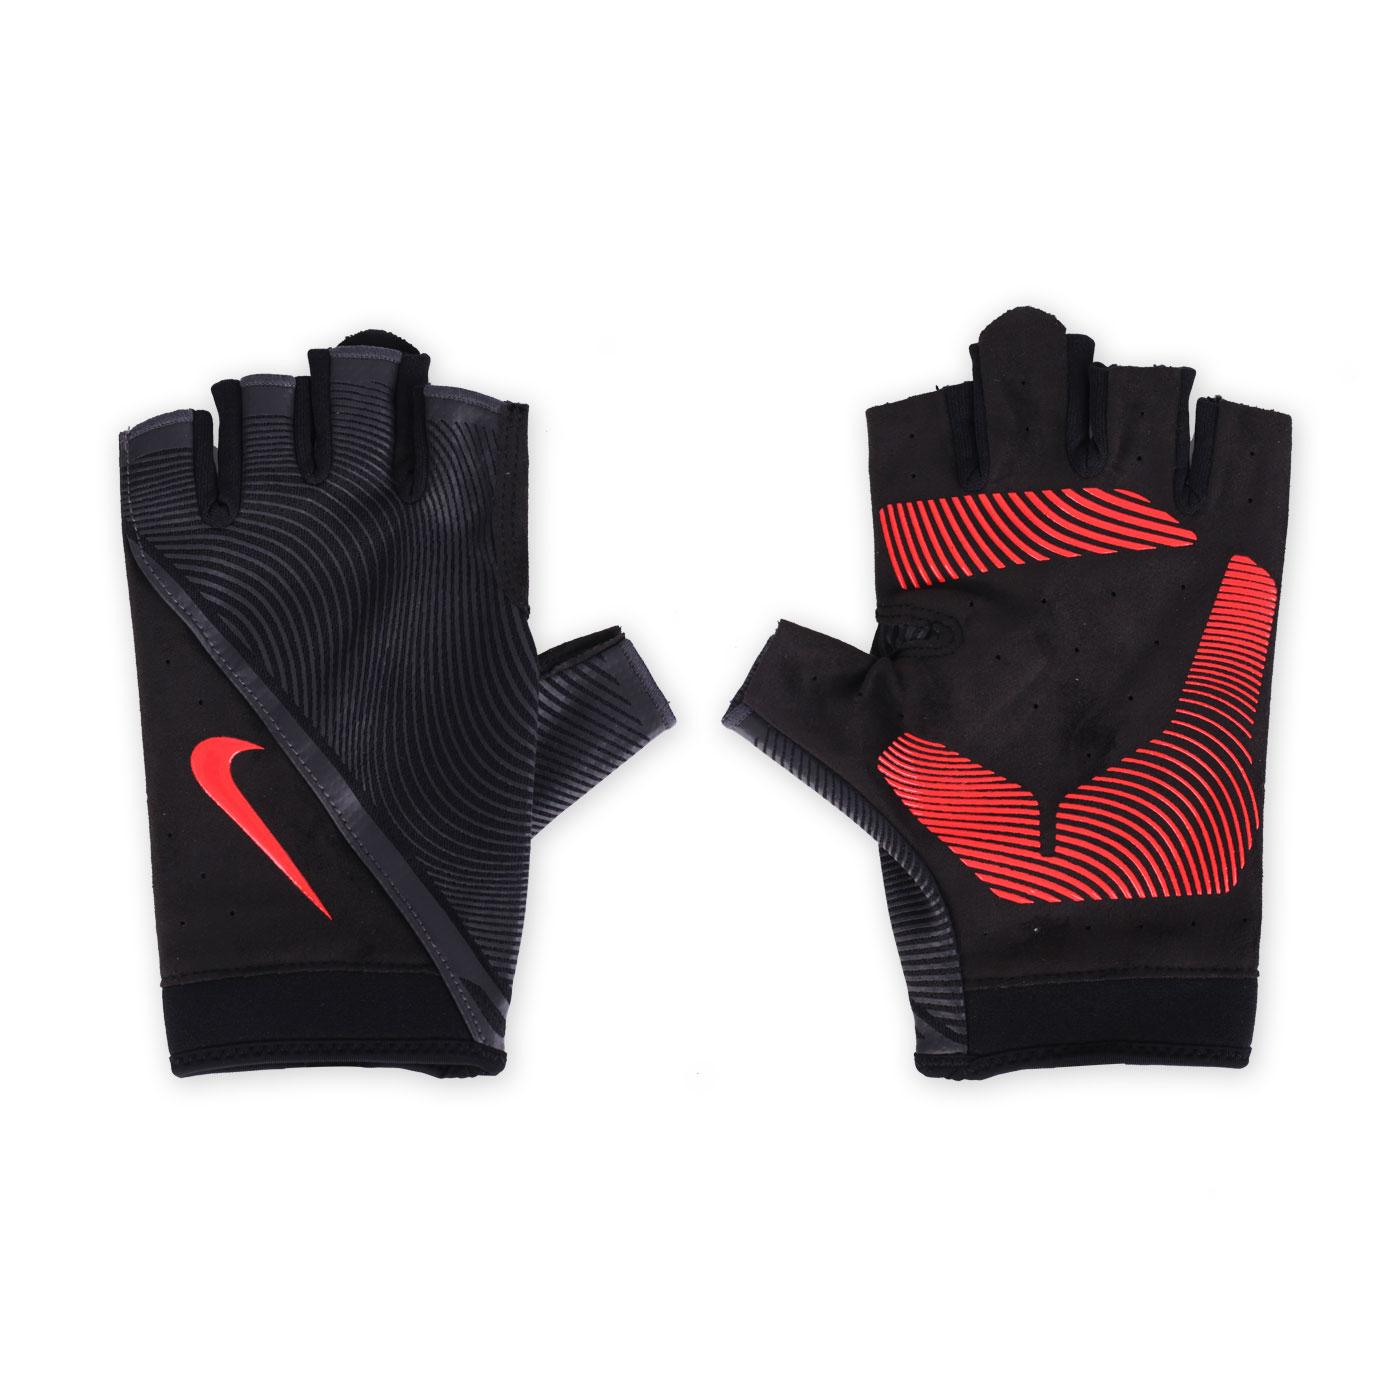 NIKE 男用動態訓練手套 NLGB6053MD - 黑橘紅